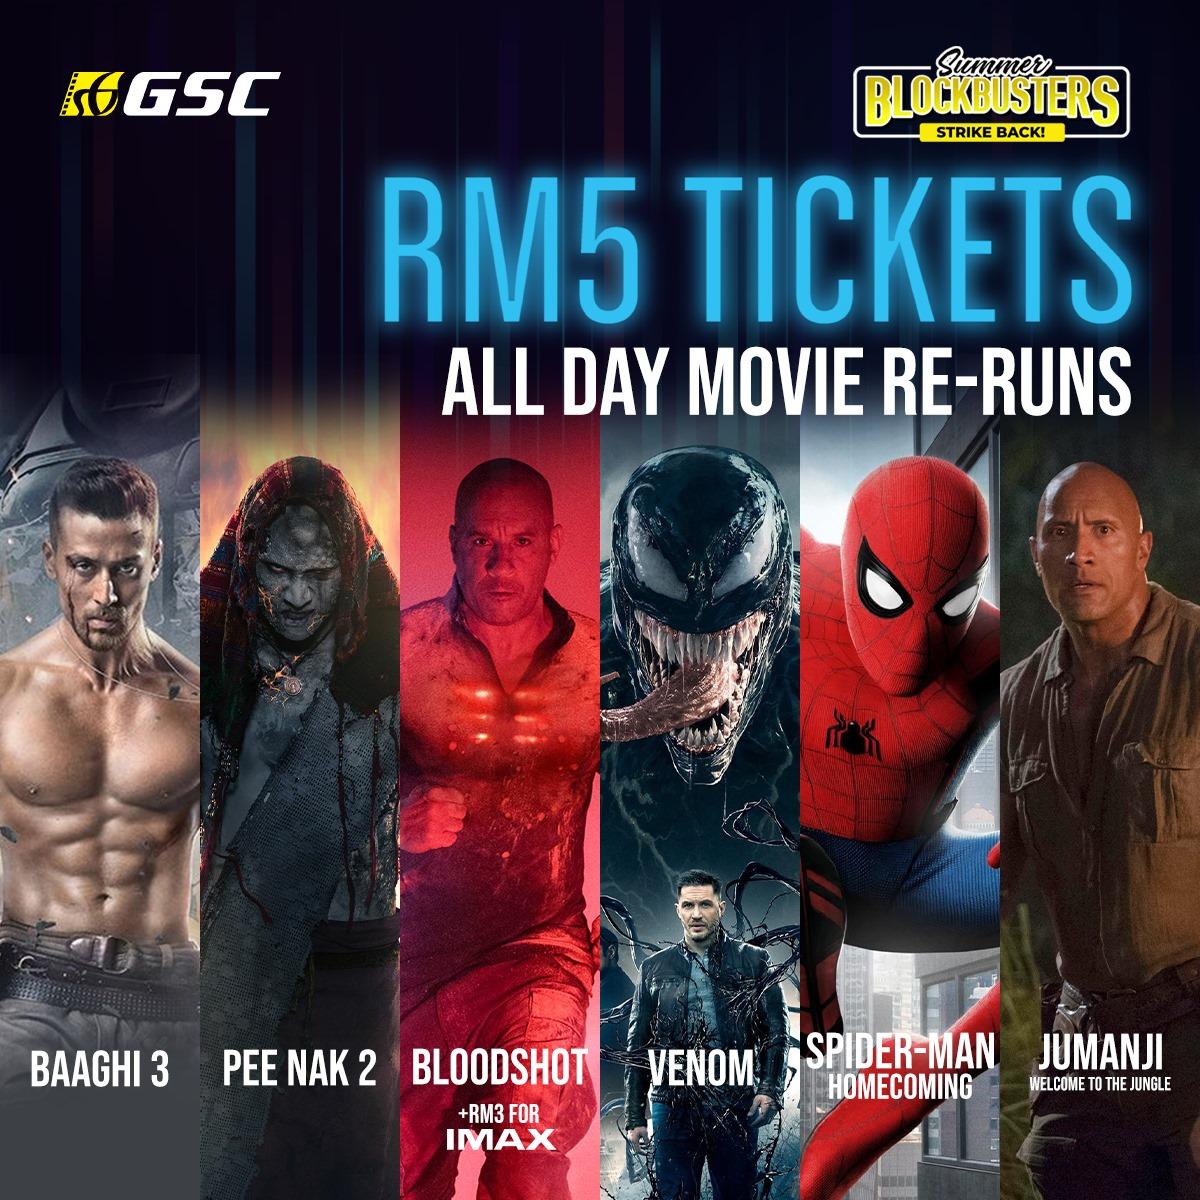 Yay, RM5 movies!